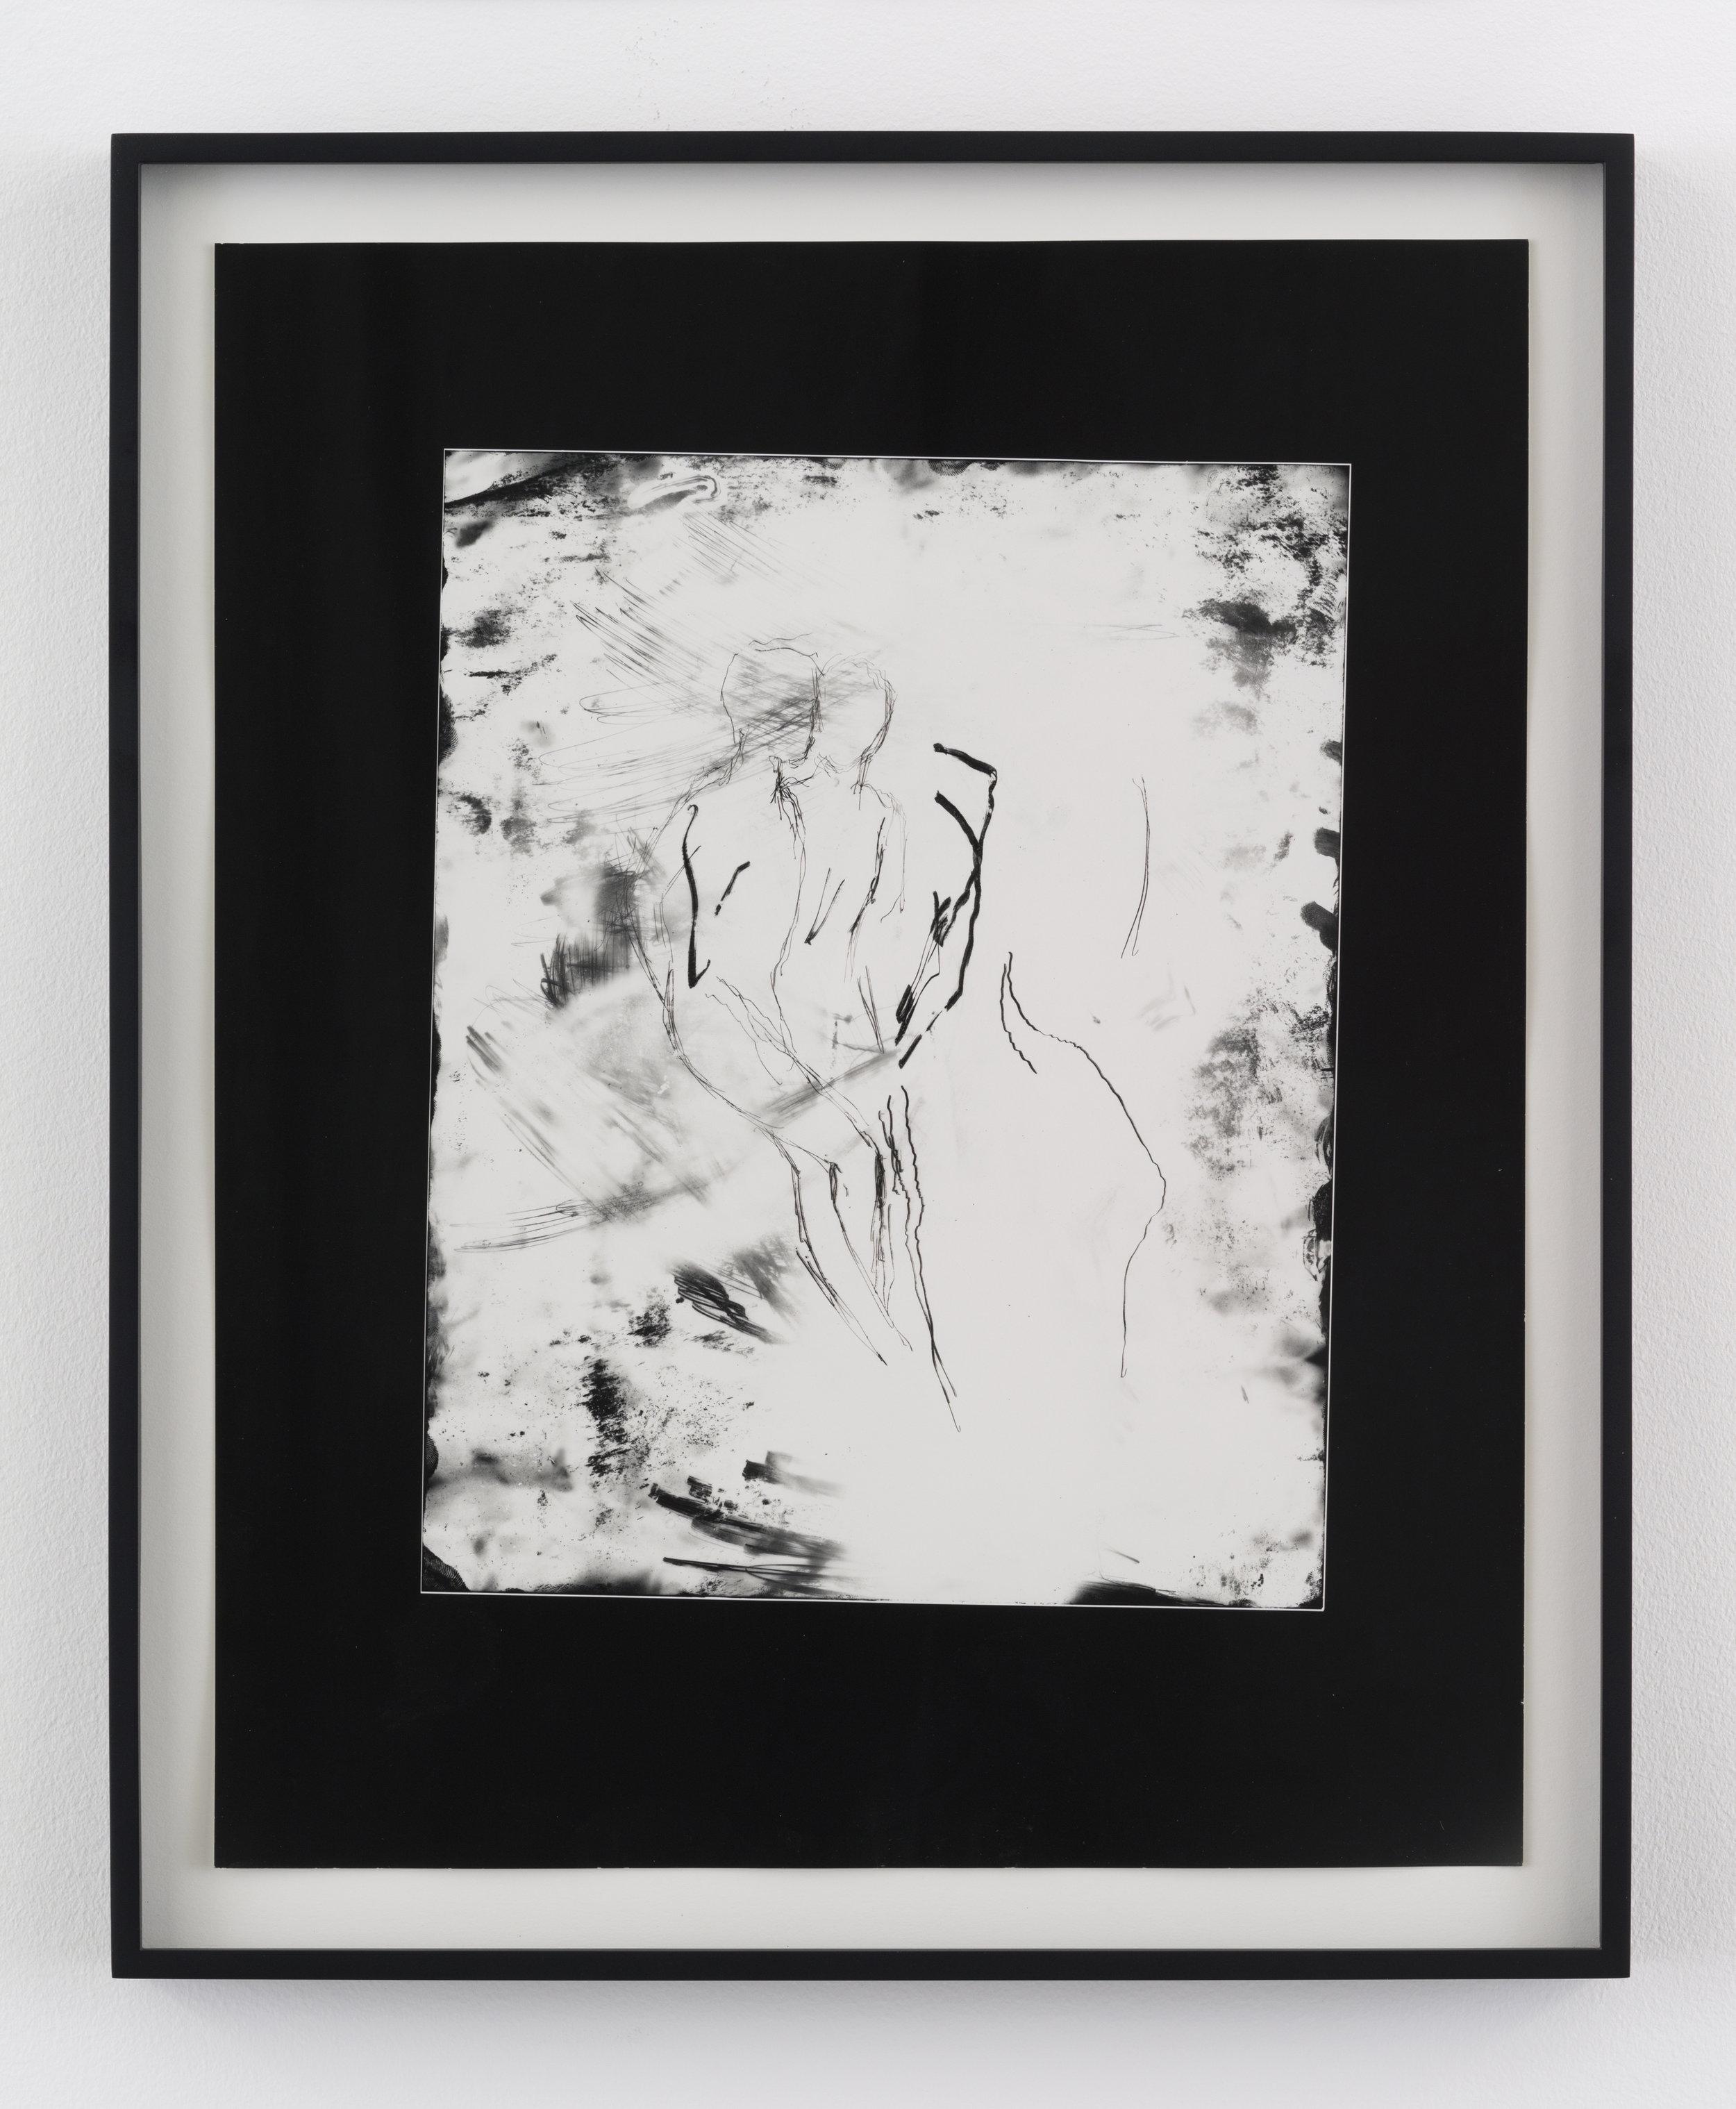 Nick Mauss, Untitled, 2014